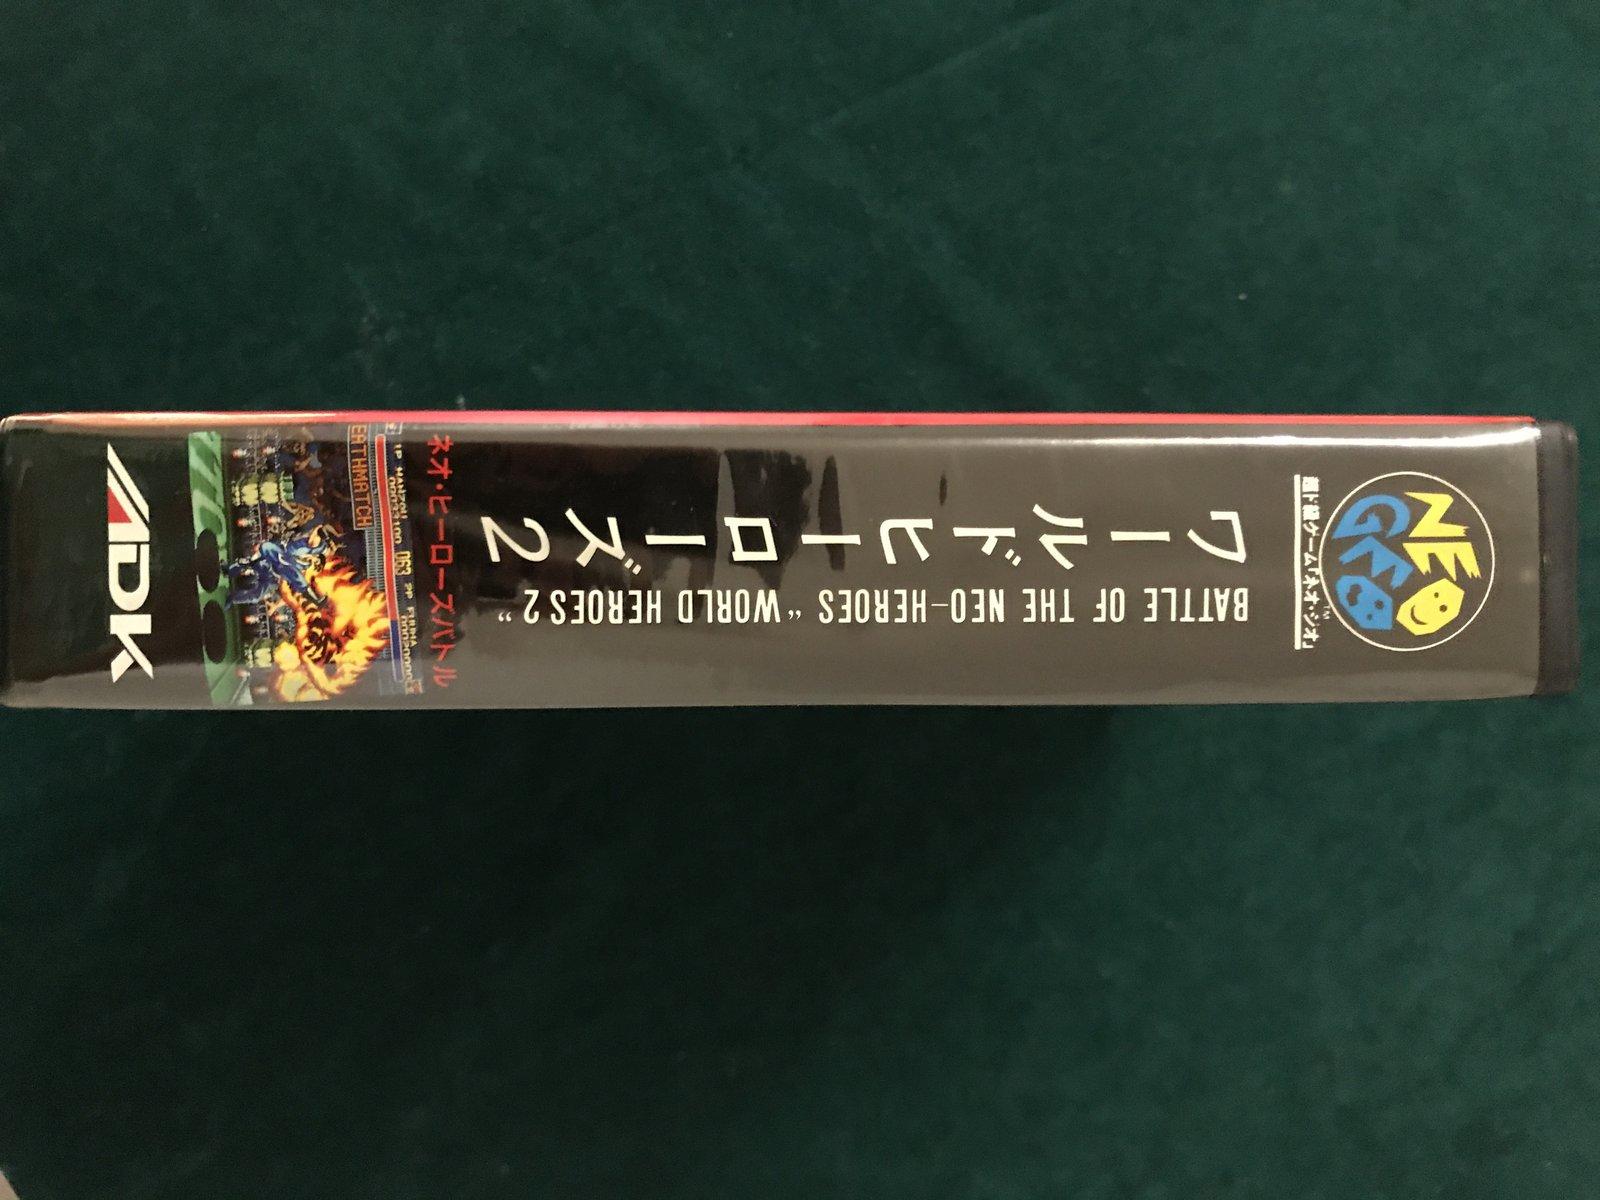 [VDS] Jeux NeoGeo AES (version jap) [VDS] SNK AES >>>>baisse de prix 201010023222772031